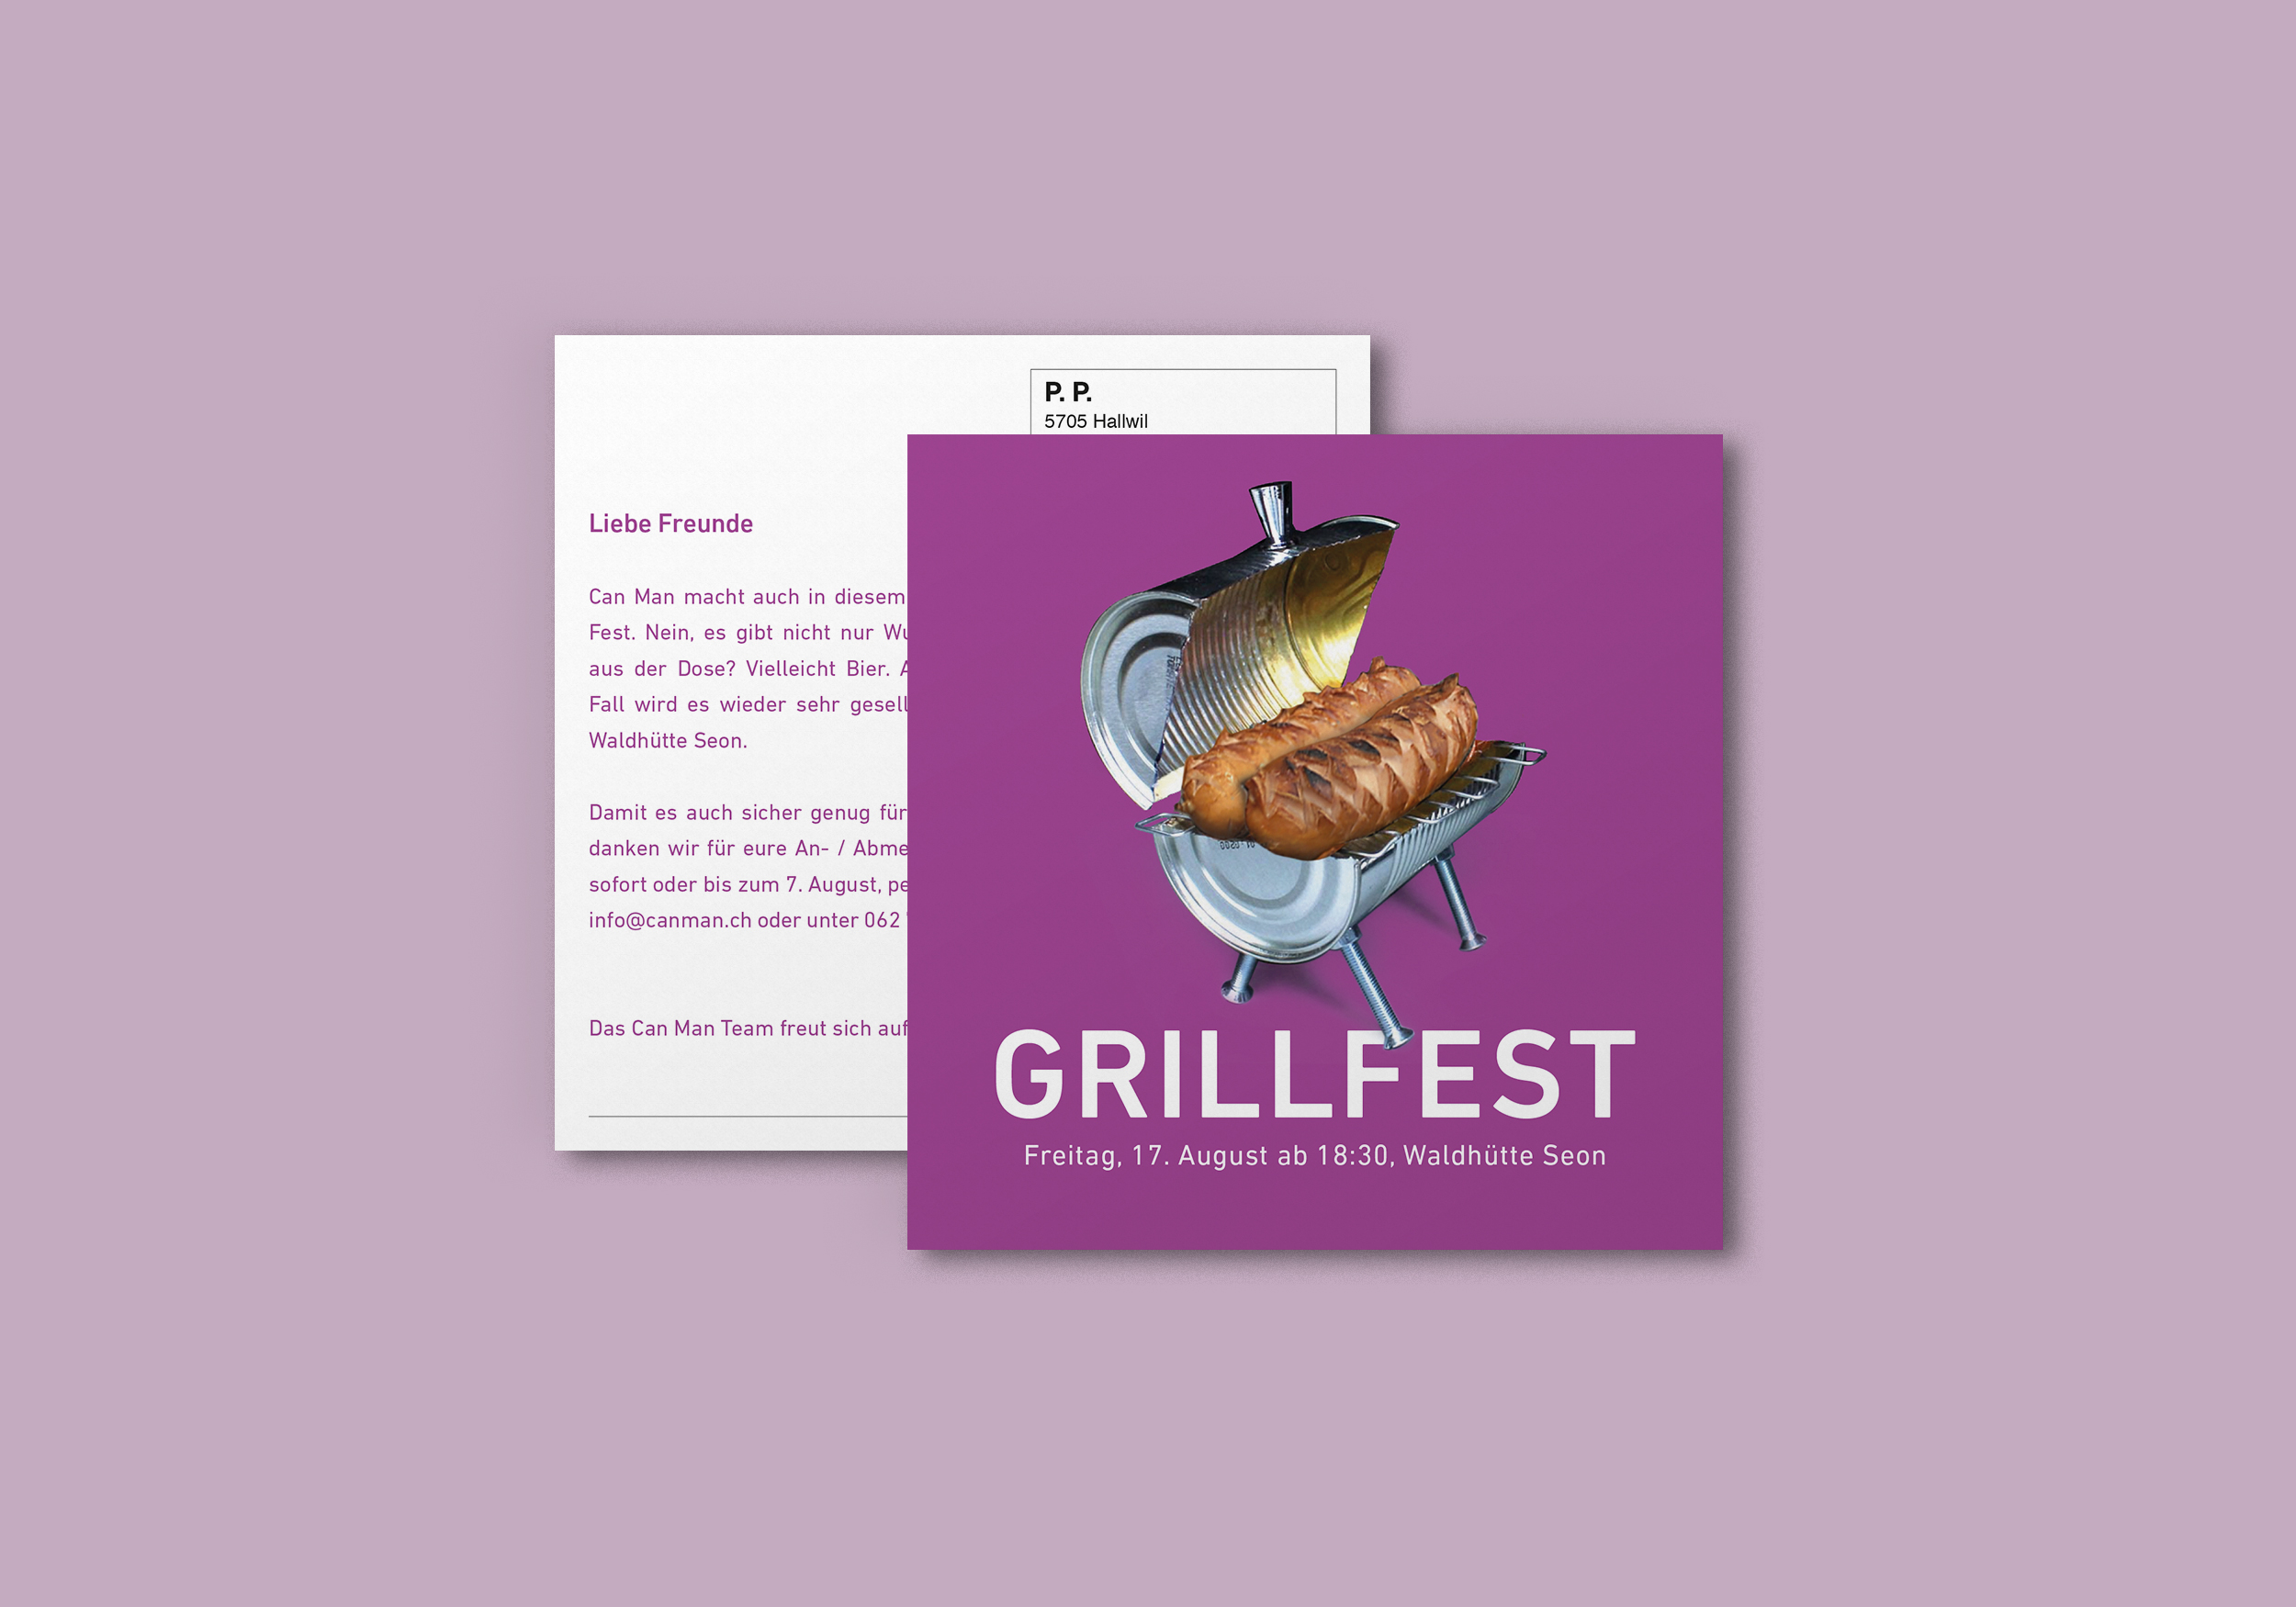 canman_grillfest.jpg